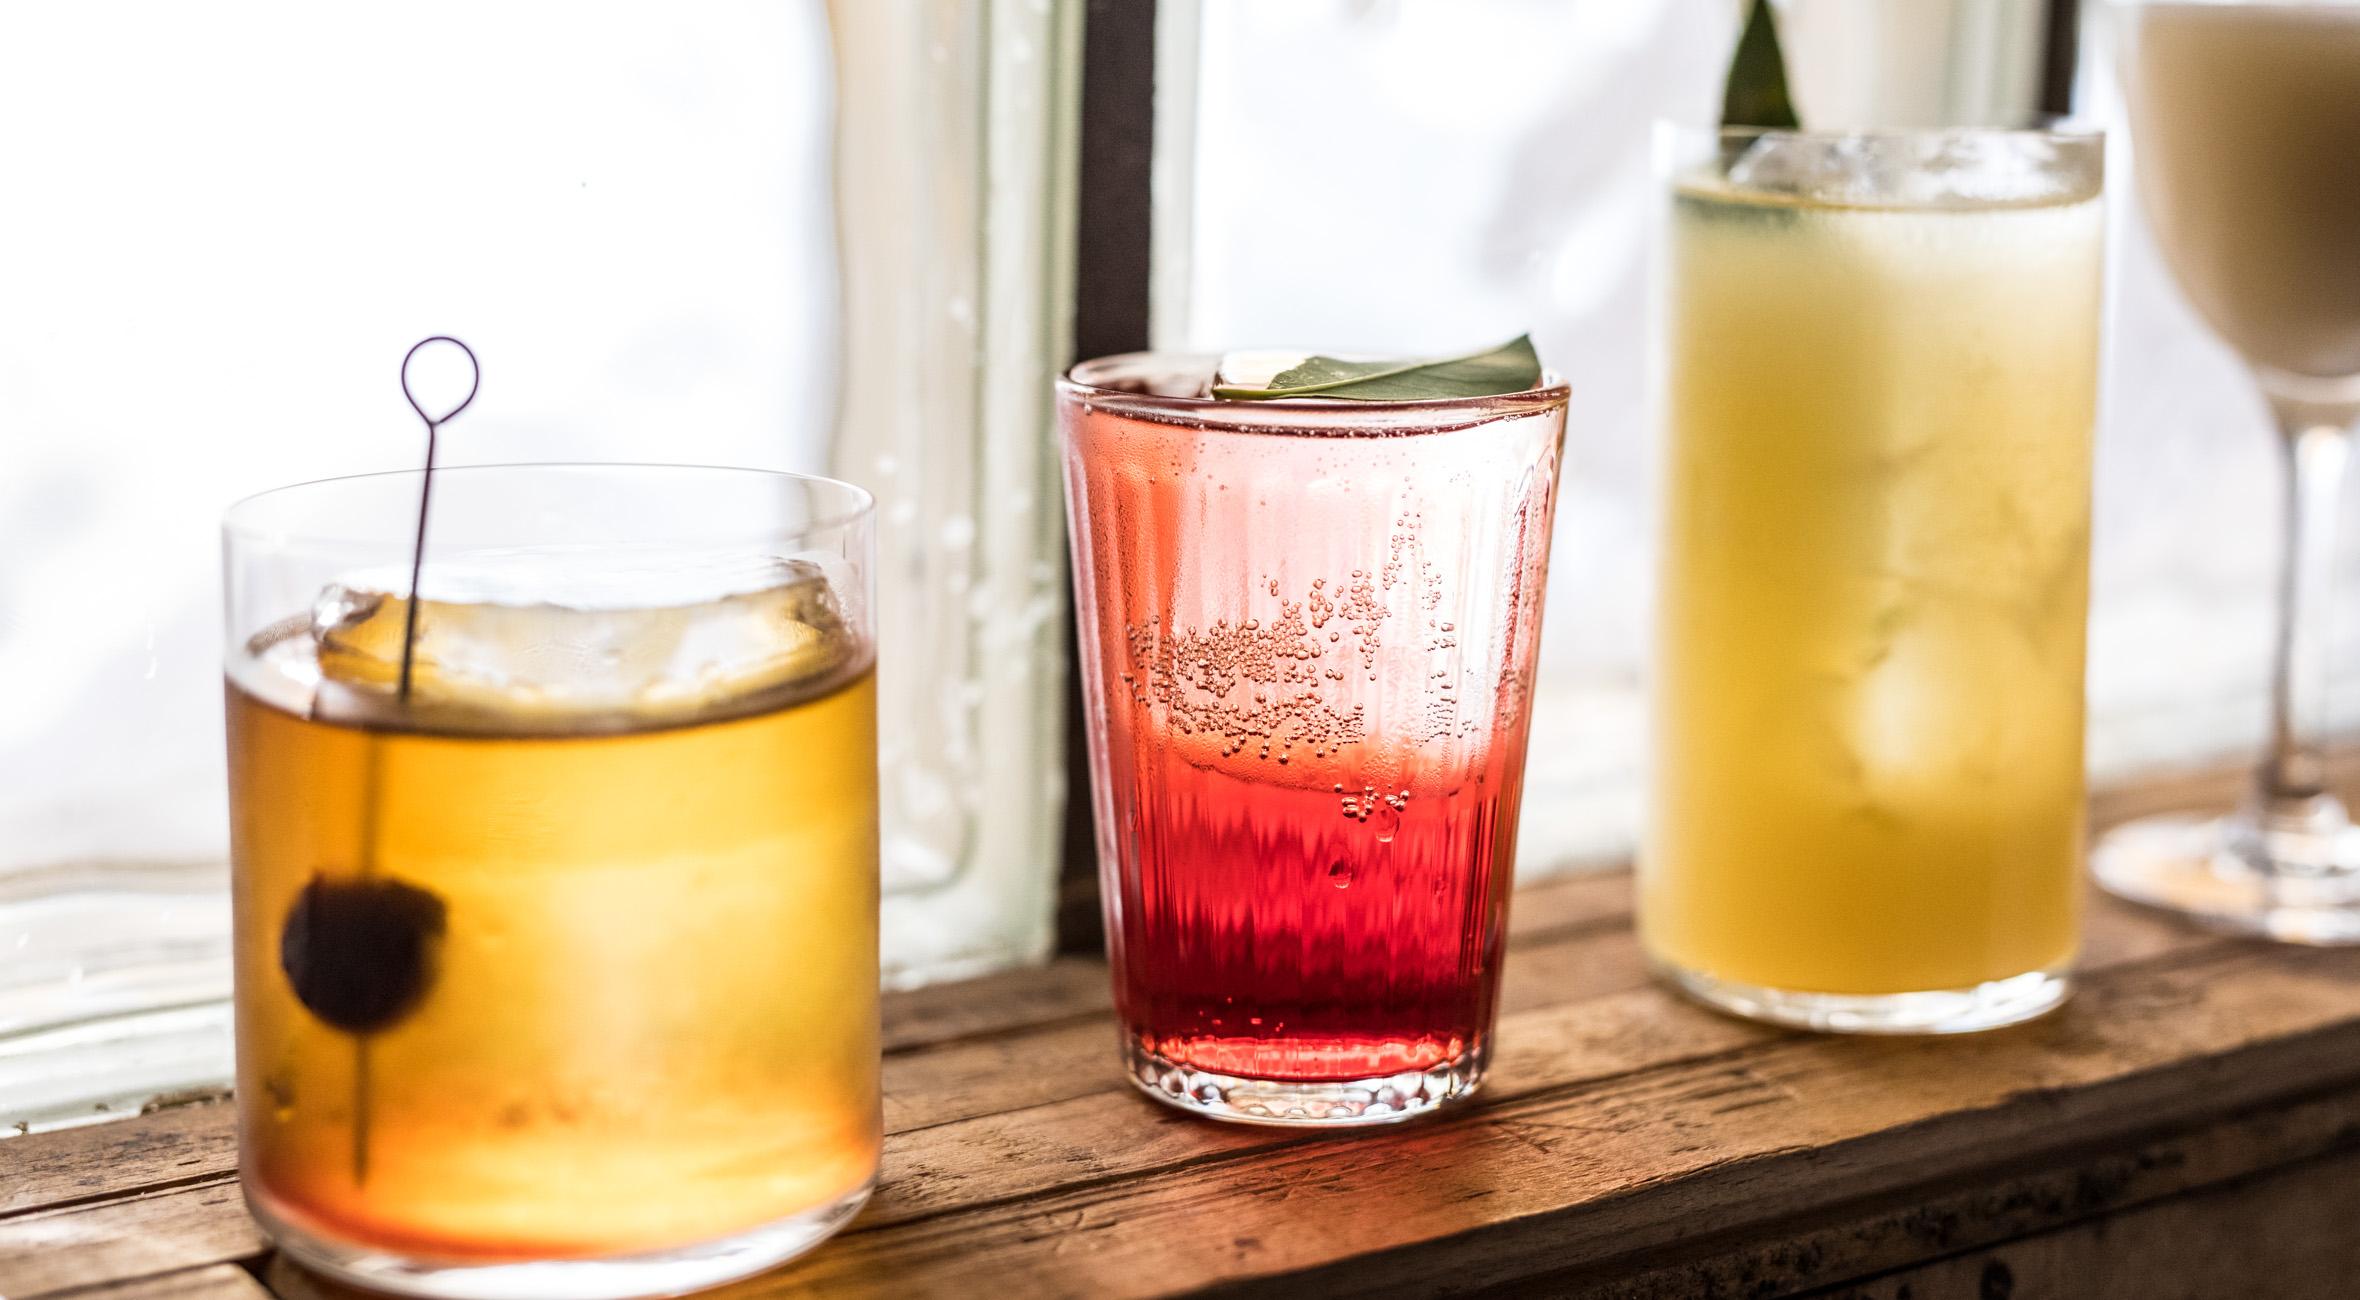 Frit valg til alt hos GILT – Nordisk cocktailbar høster international anerkendelse